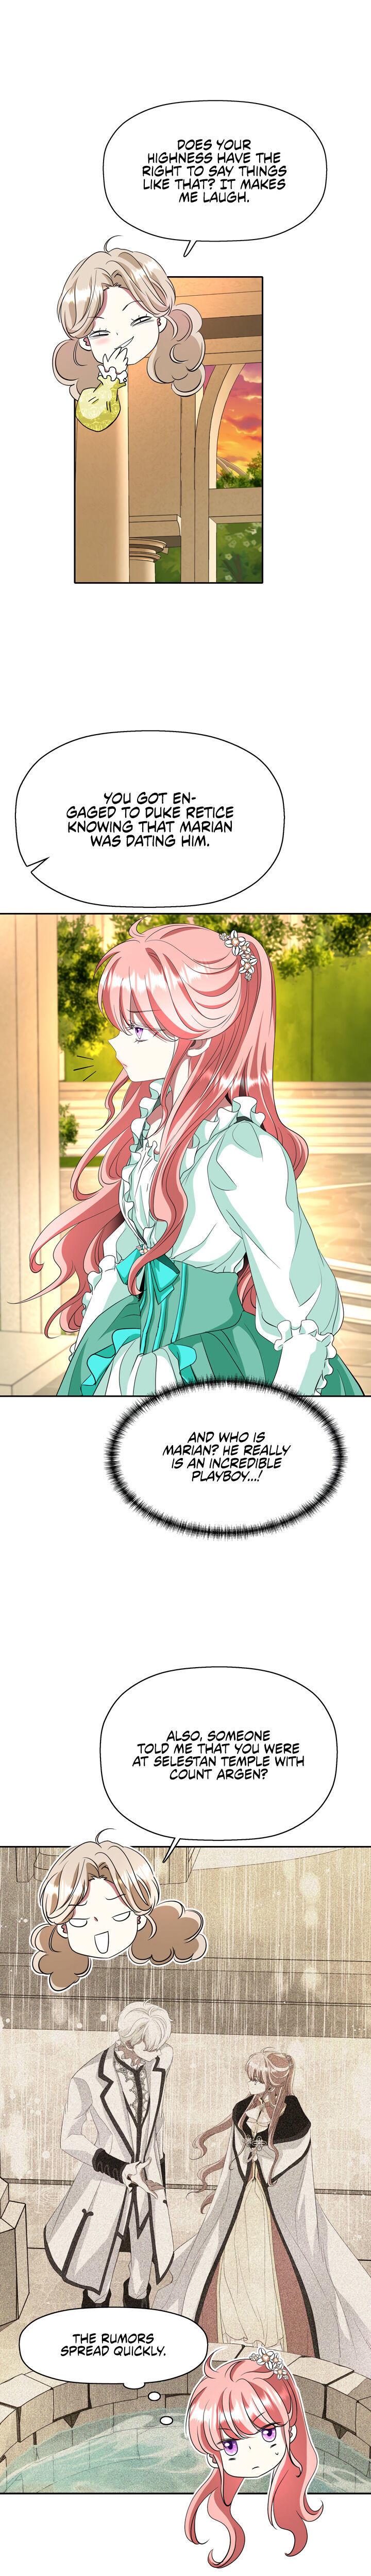 I'M A Killer But I'M Thinking Of Living As A Princess Chapter 12 page 14 - Mangakakalots.com